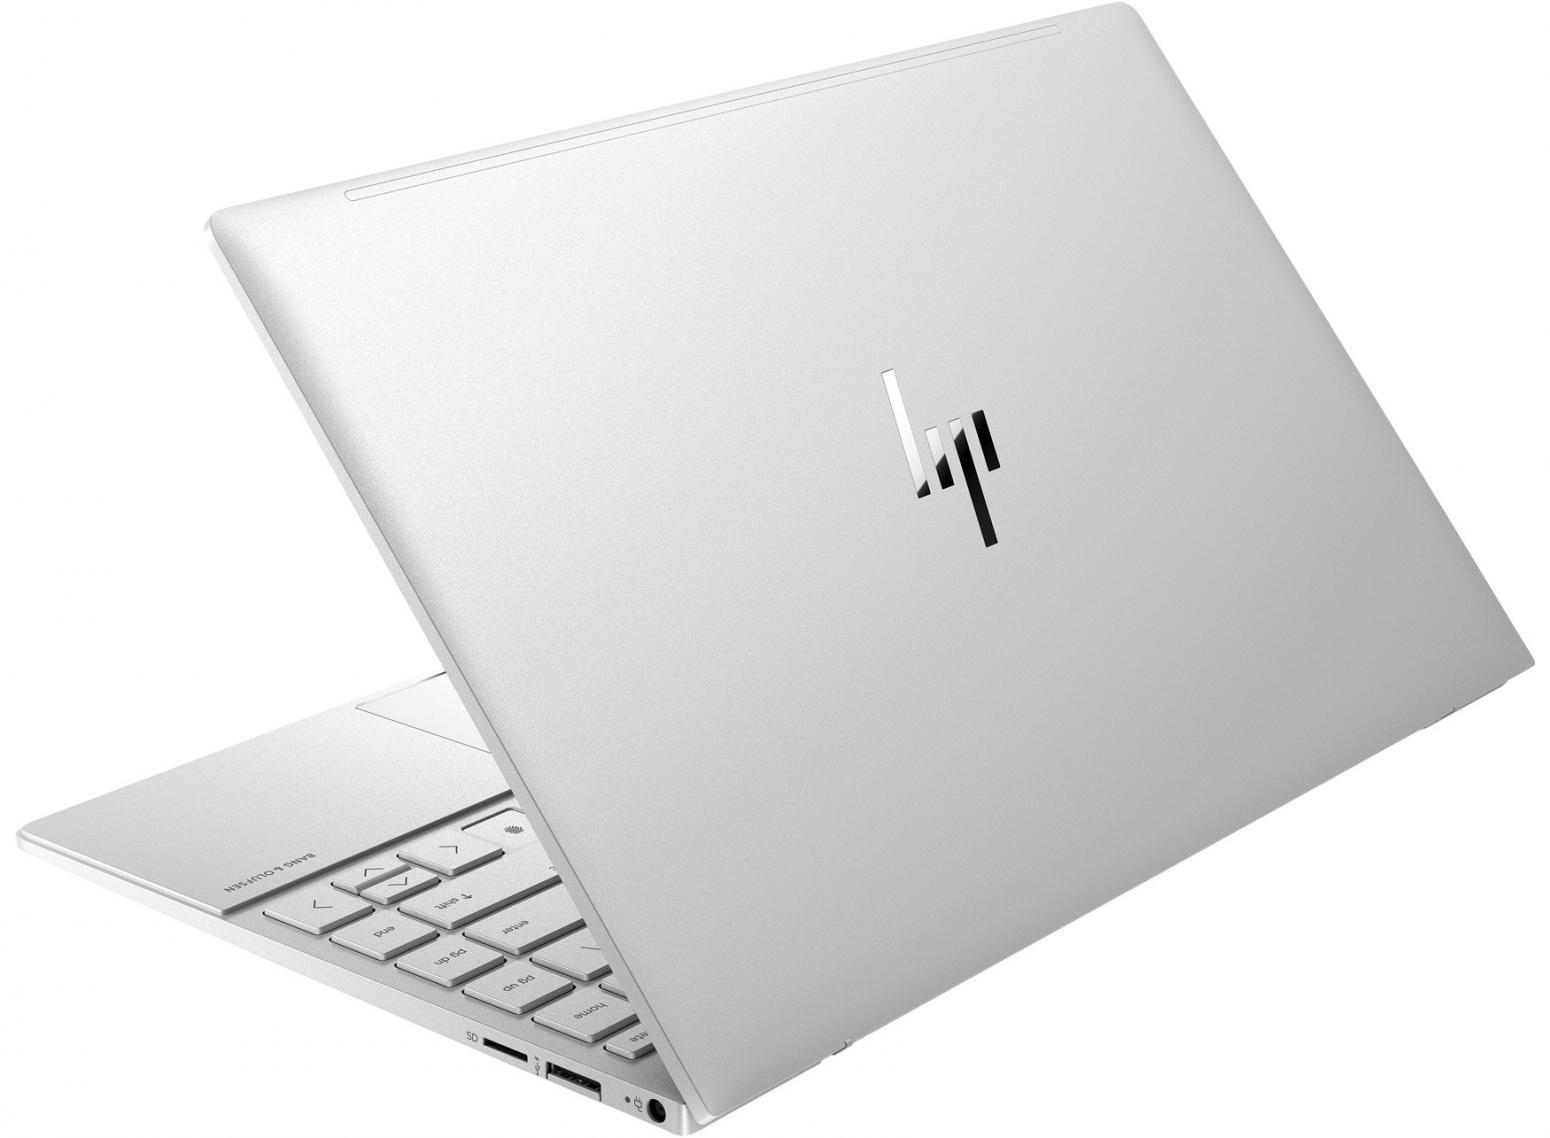 Ordinateur portable HP Envy 13-ba0018nf Argent - MX350 - photo 5